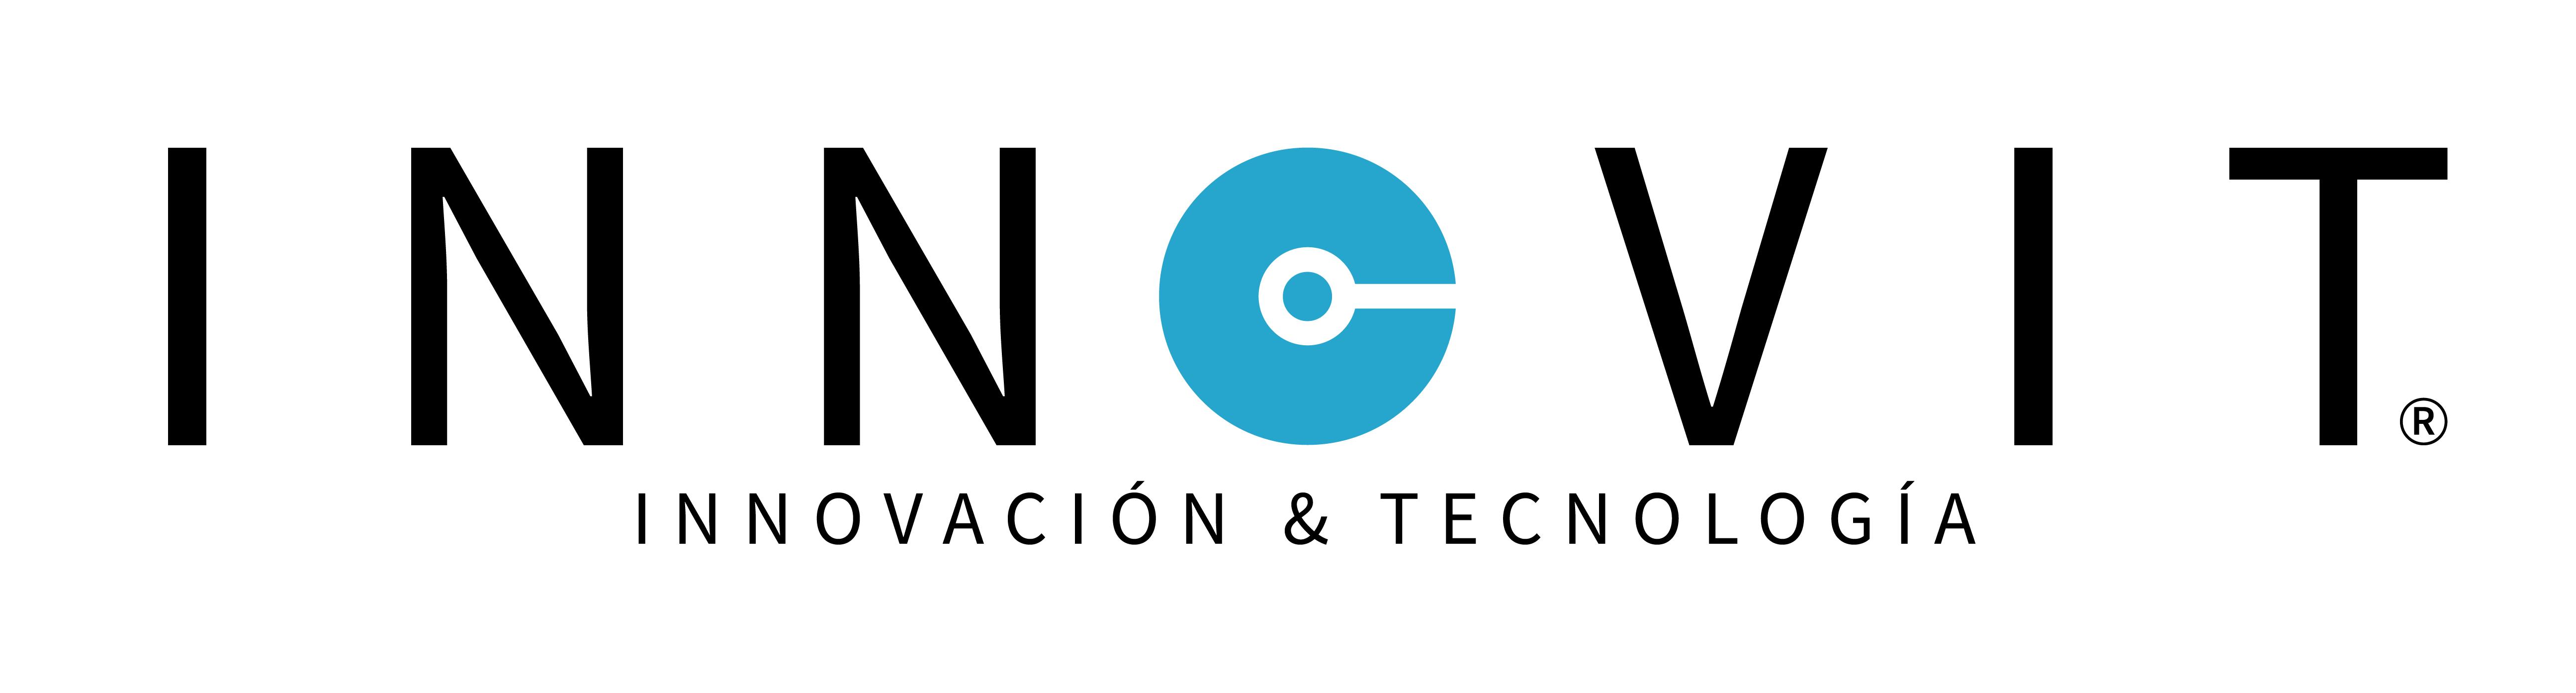 Empresas Desafio10x: INNOVIT